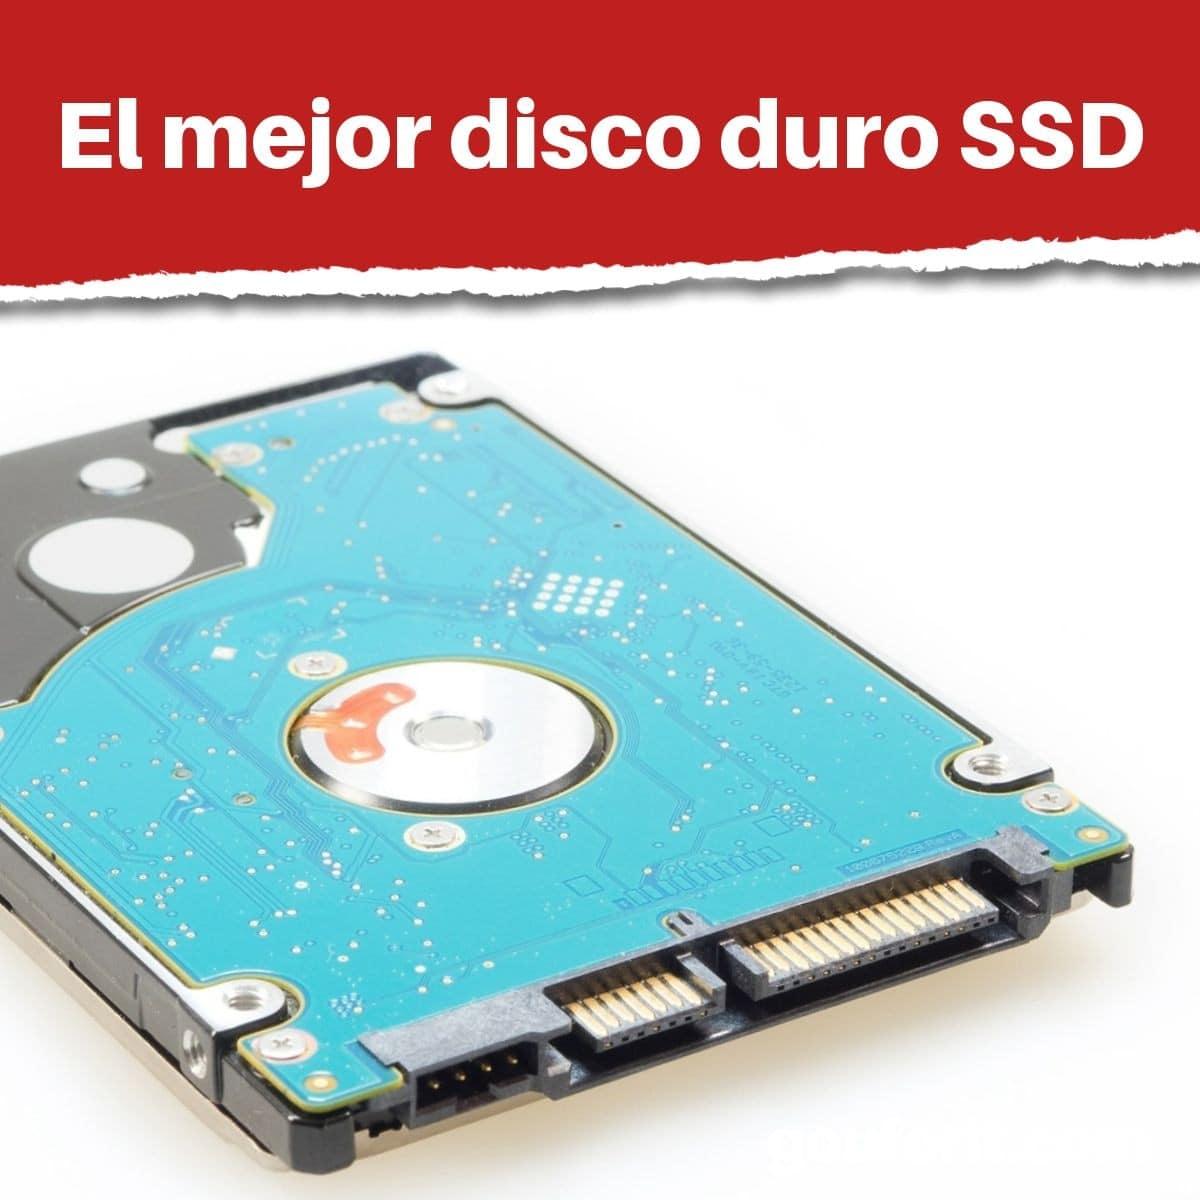 El mejor disco duro SSD